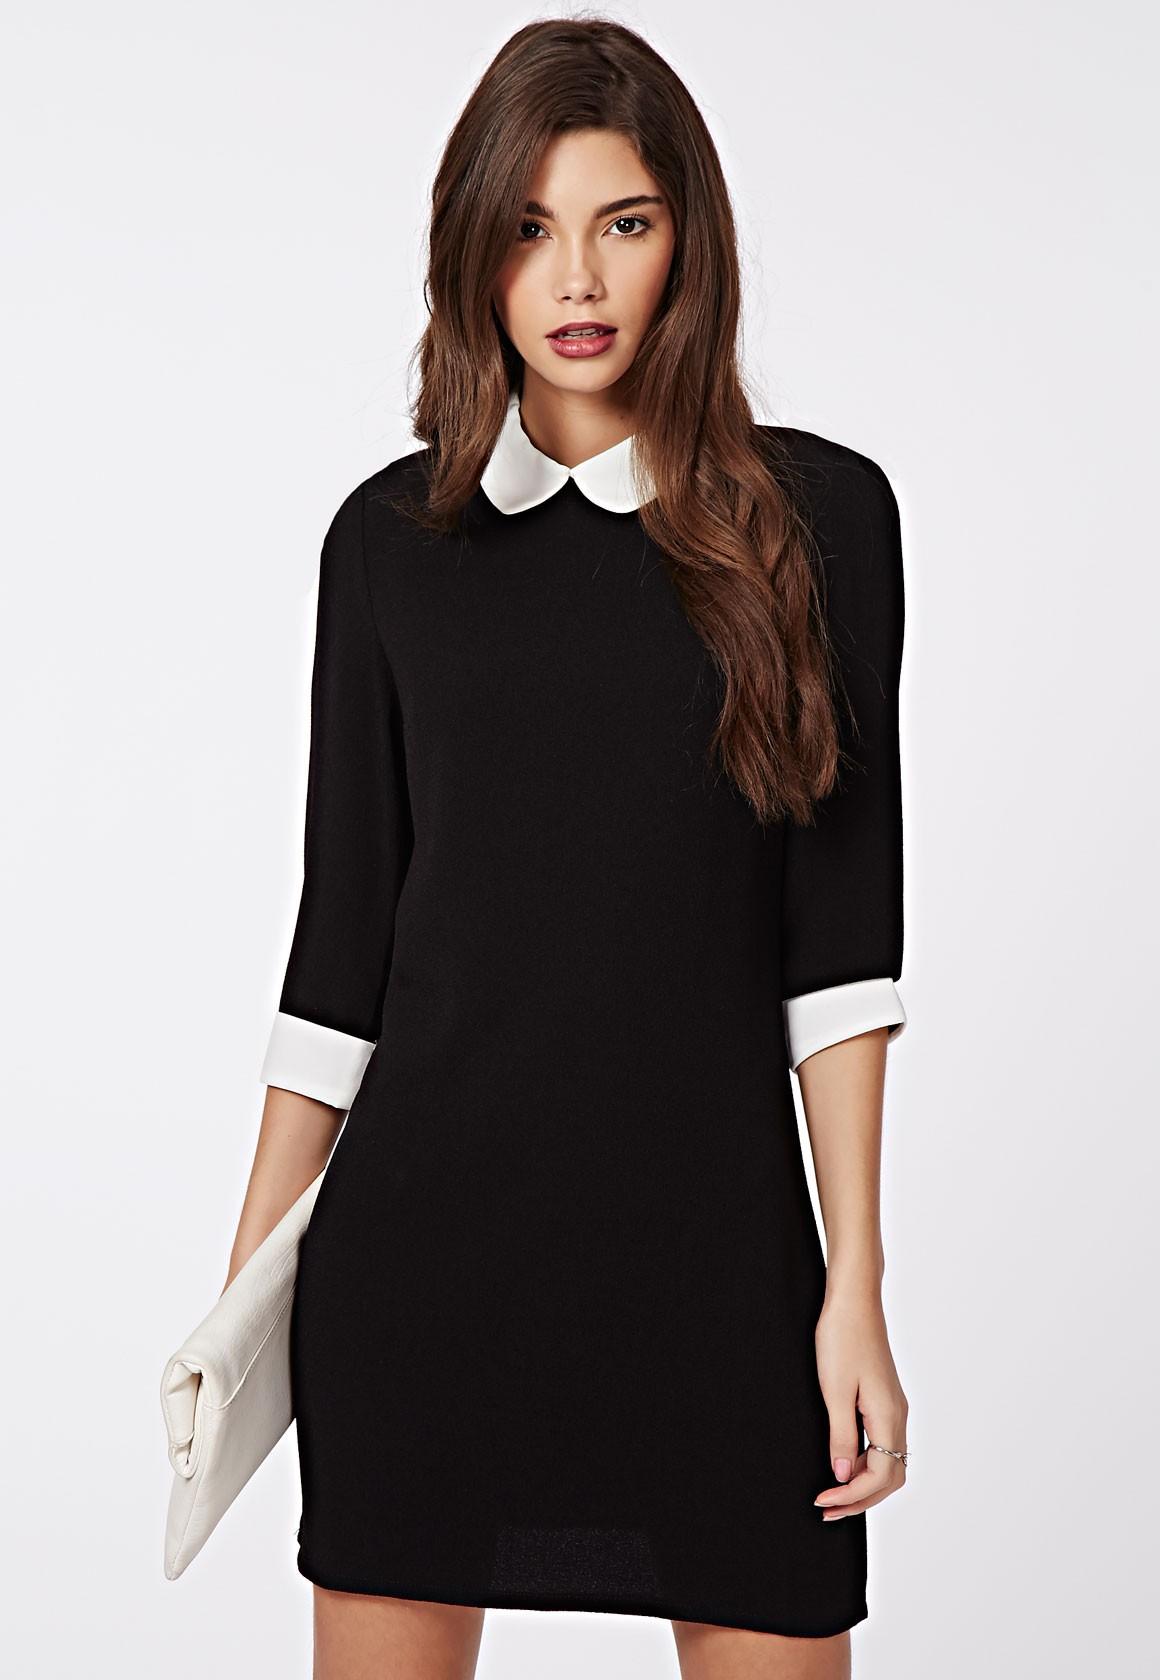 robe col claudine pour un look sage mais tendance. Black Bedroom Furniture Sets. Home Design Ideas